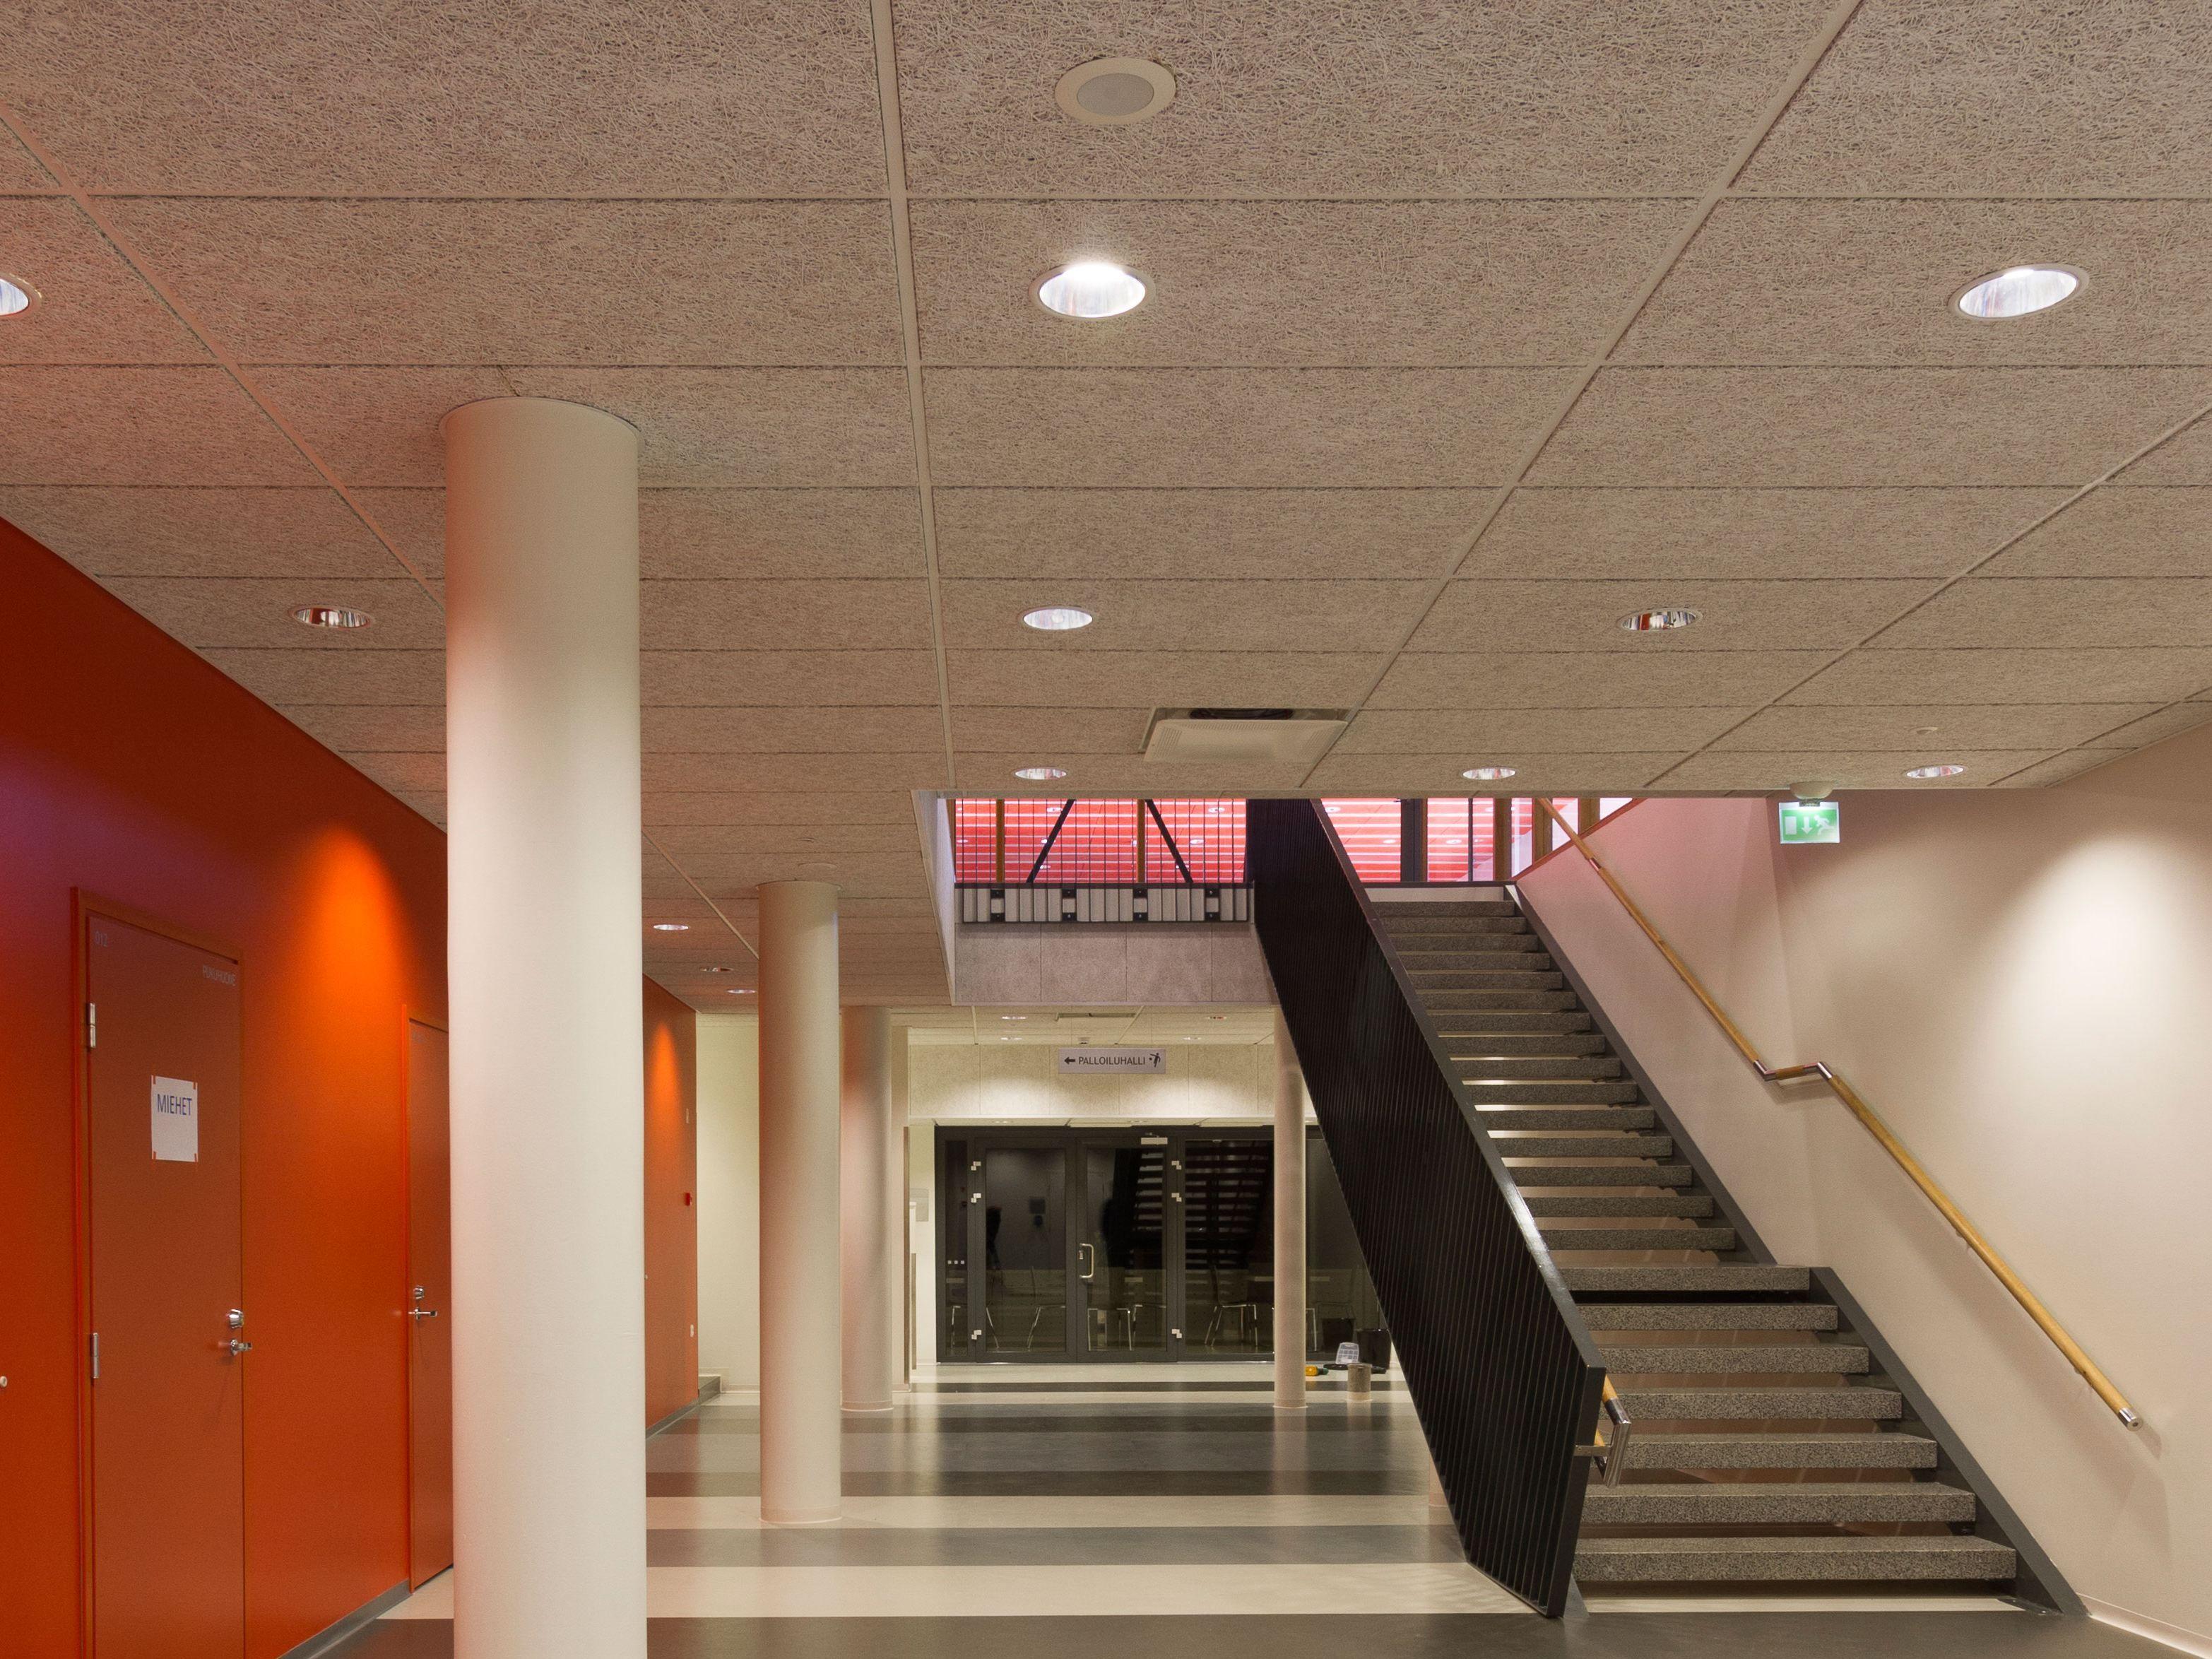 Pannelli per controsoffitto fonoassorbente in cemento legno ...